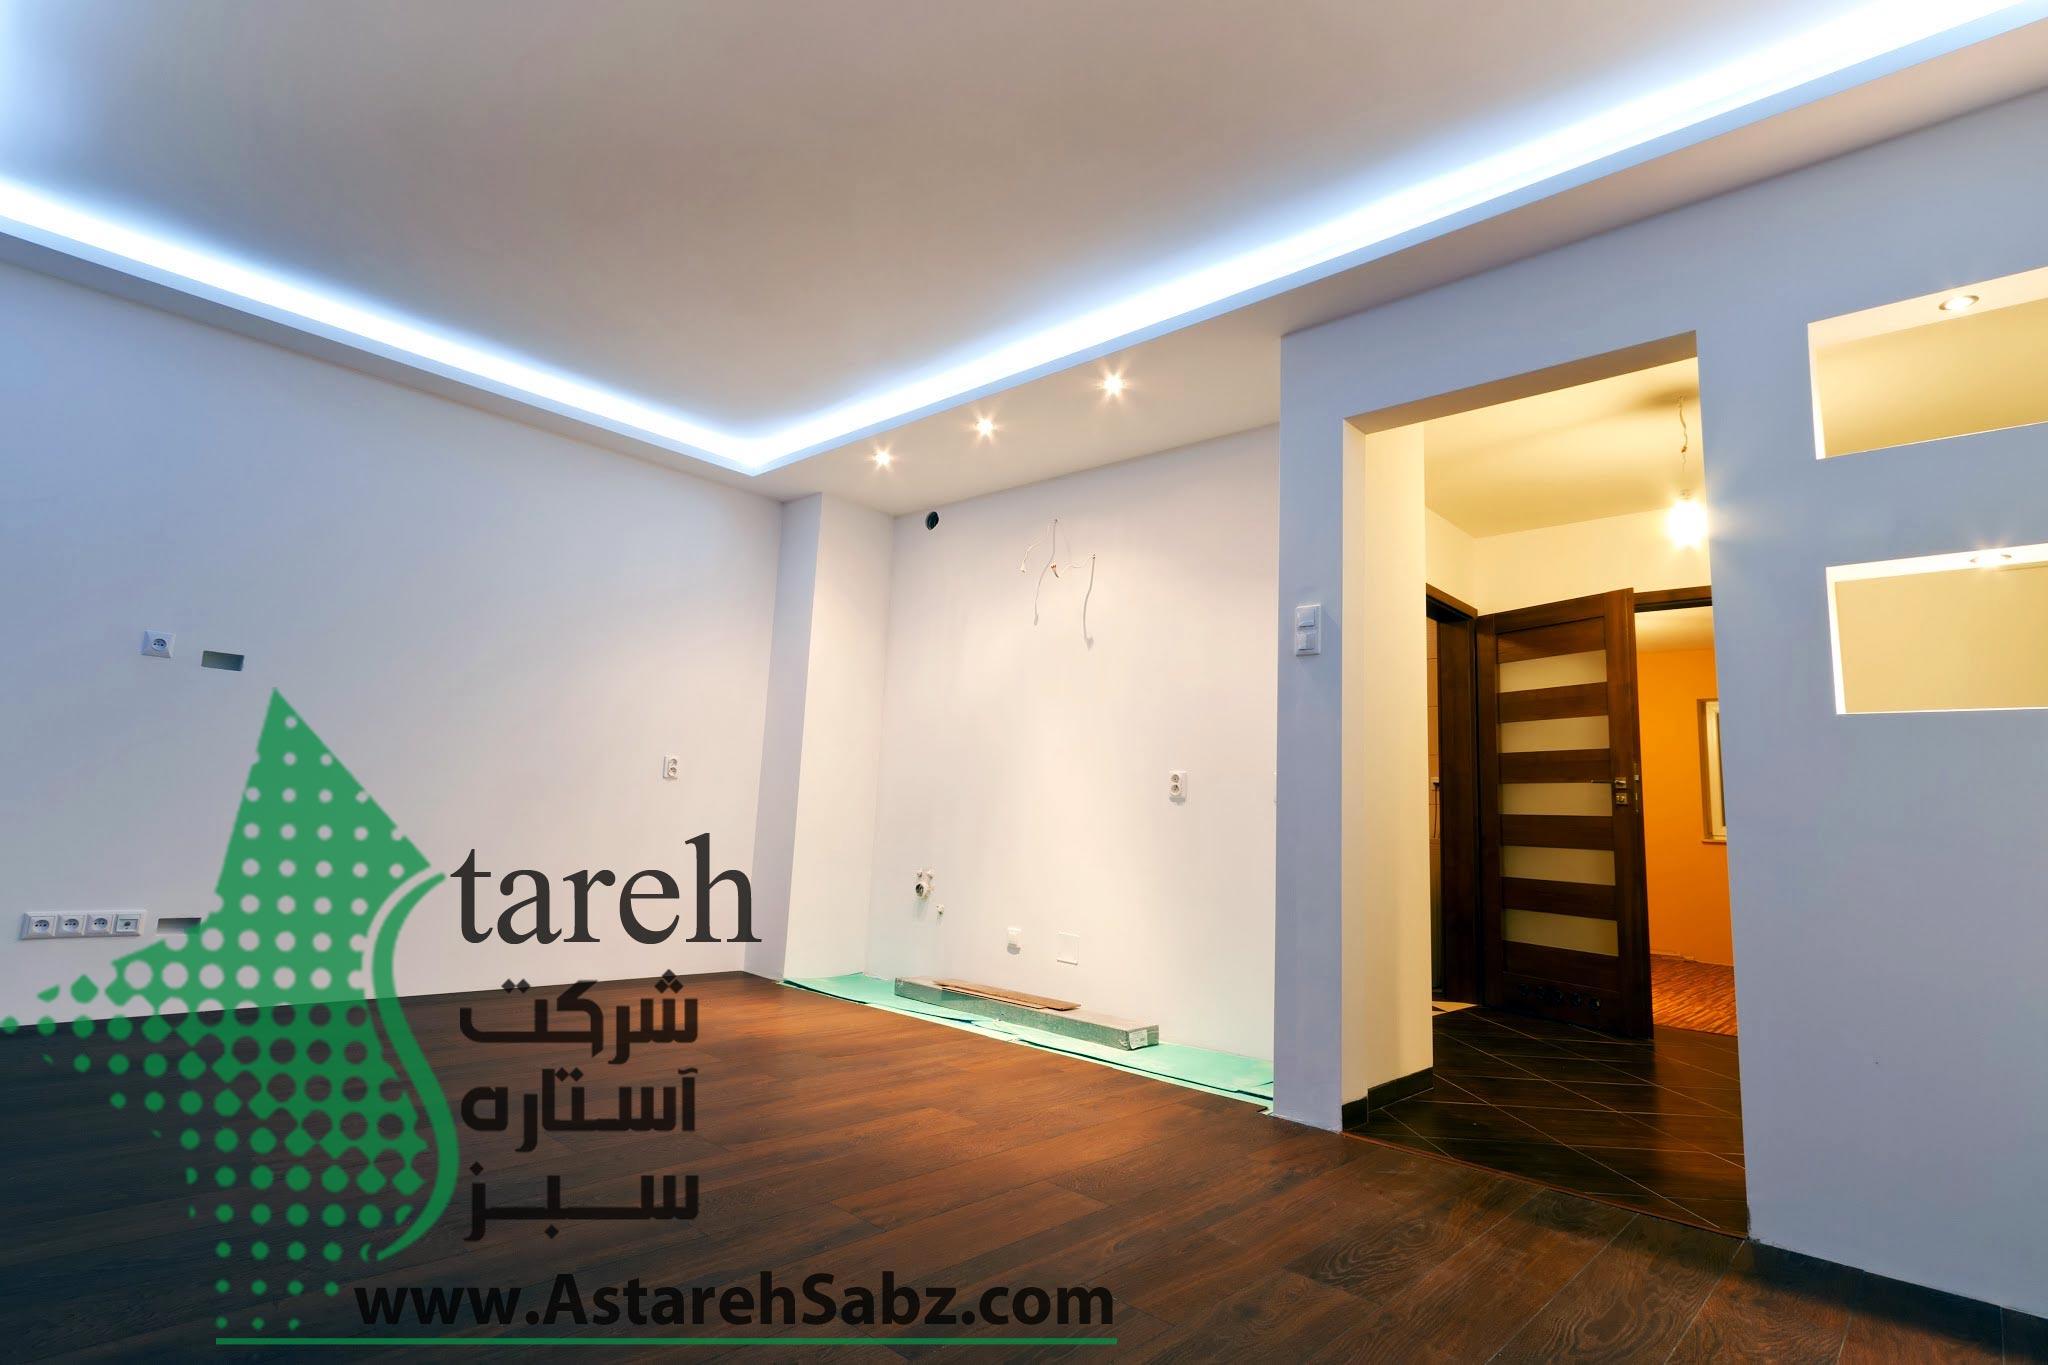 Astareh Sabz (114)